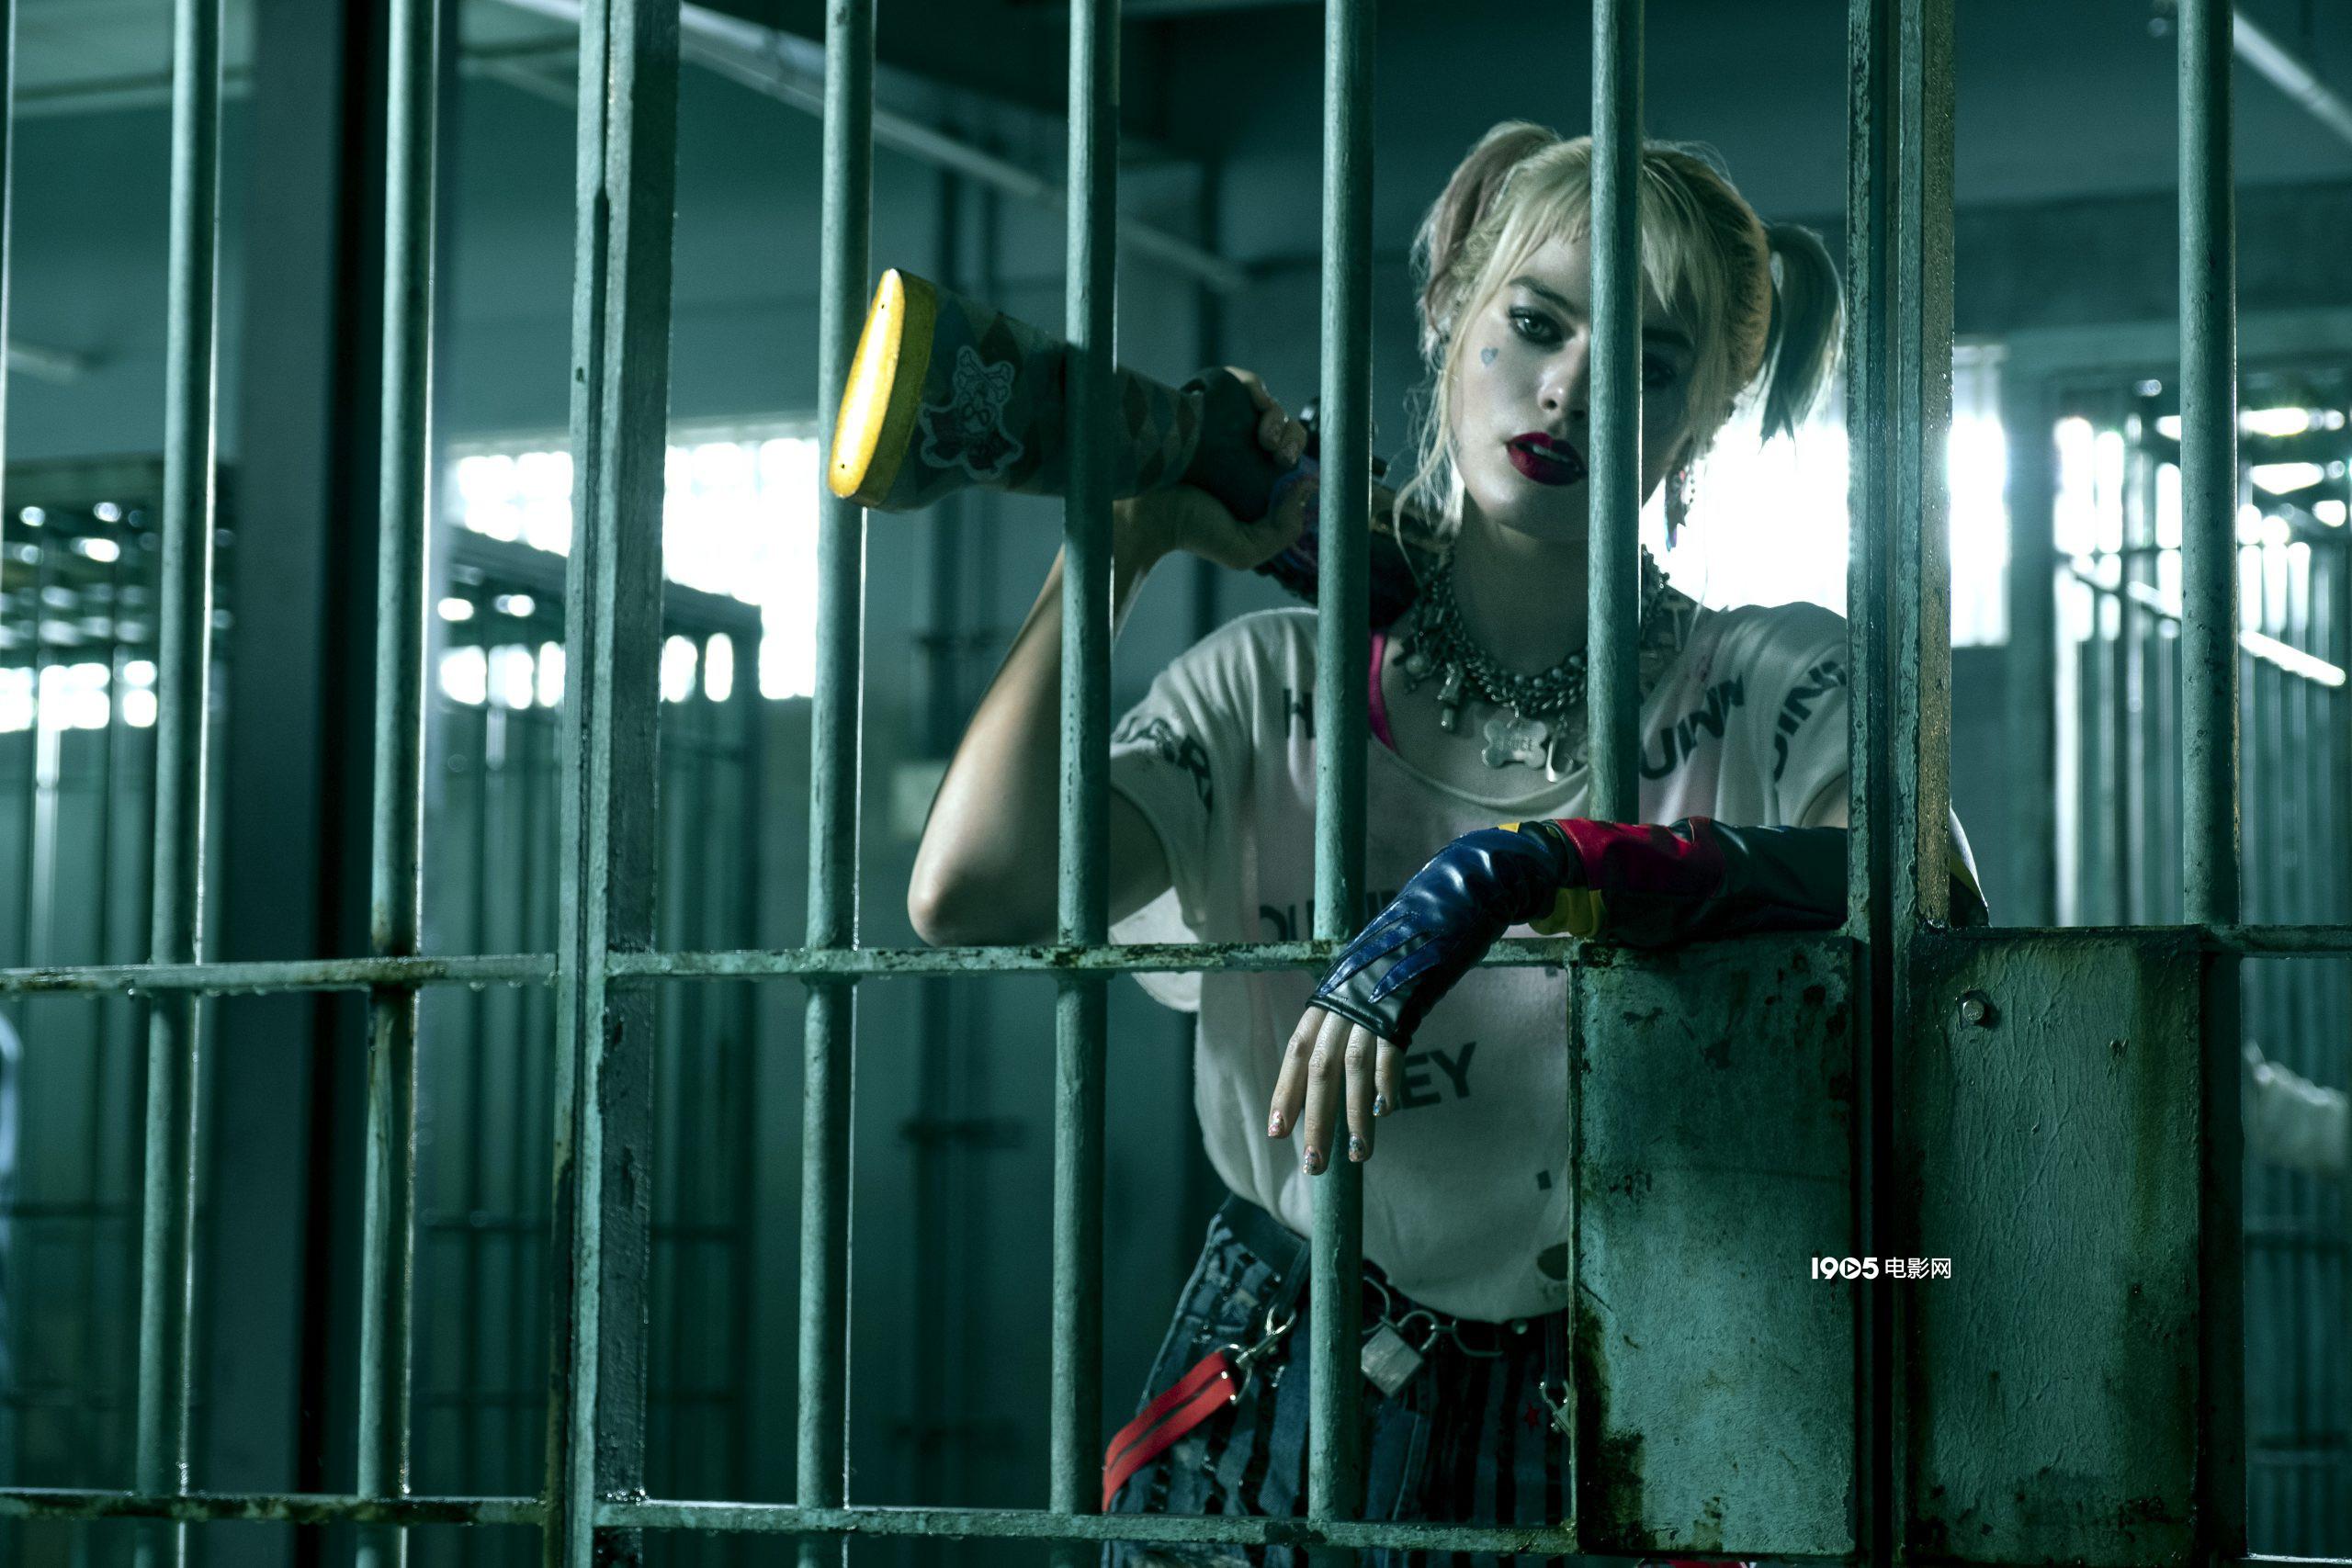 漫威宇宙第三阶段顺序 DC《猛禽小队》公布海量剧照 全面展现小丑女生活